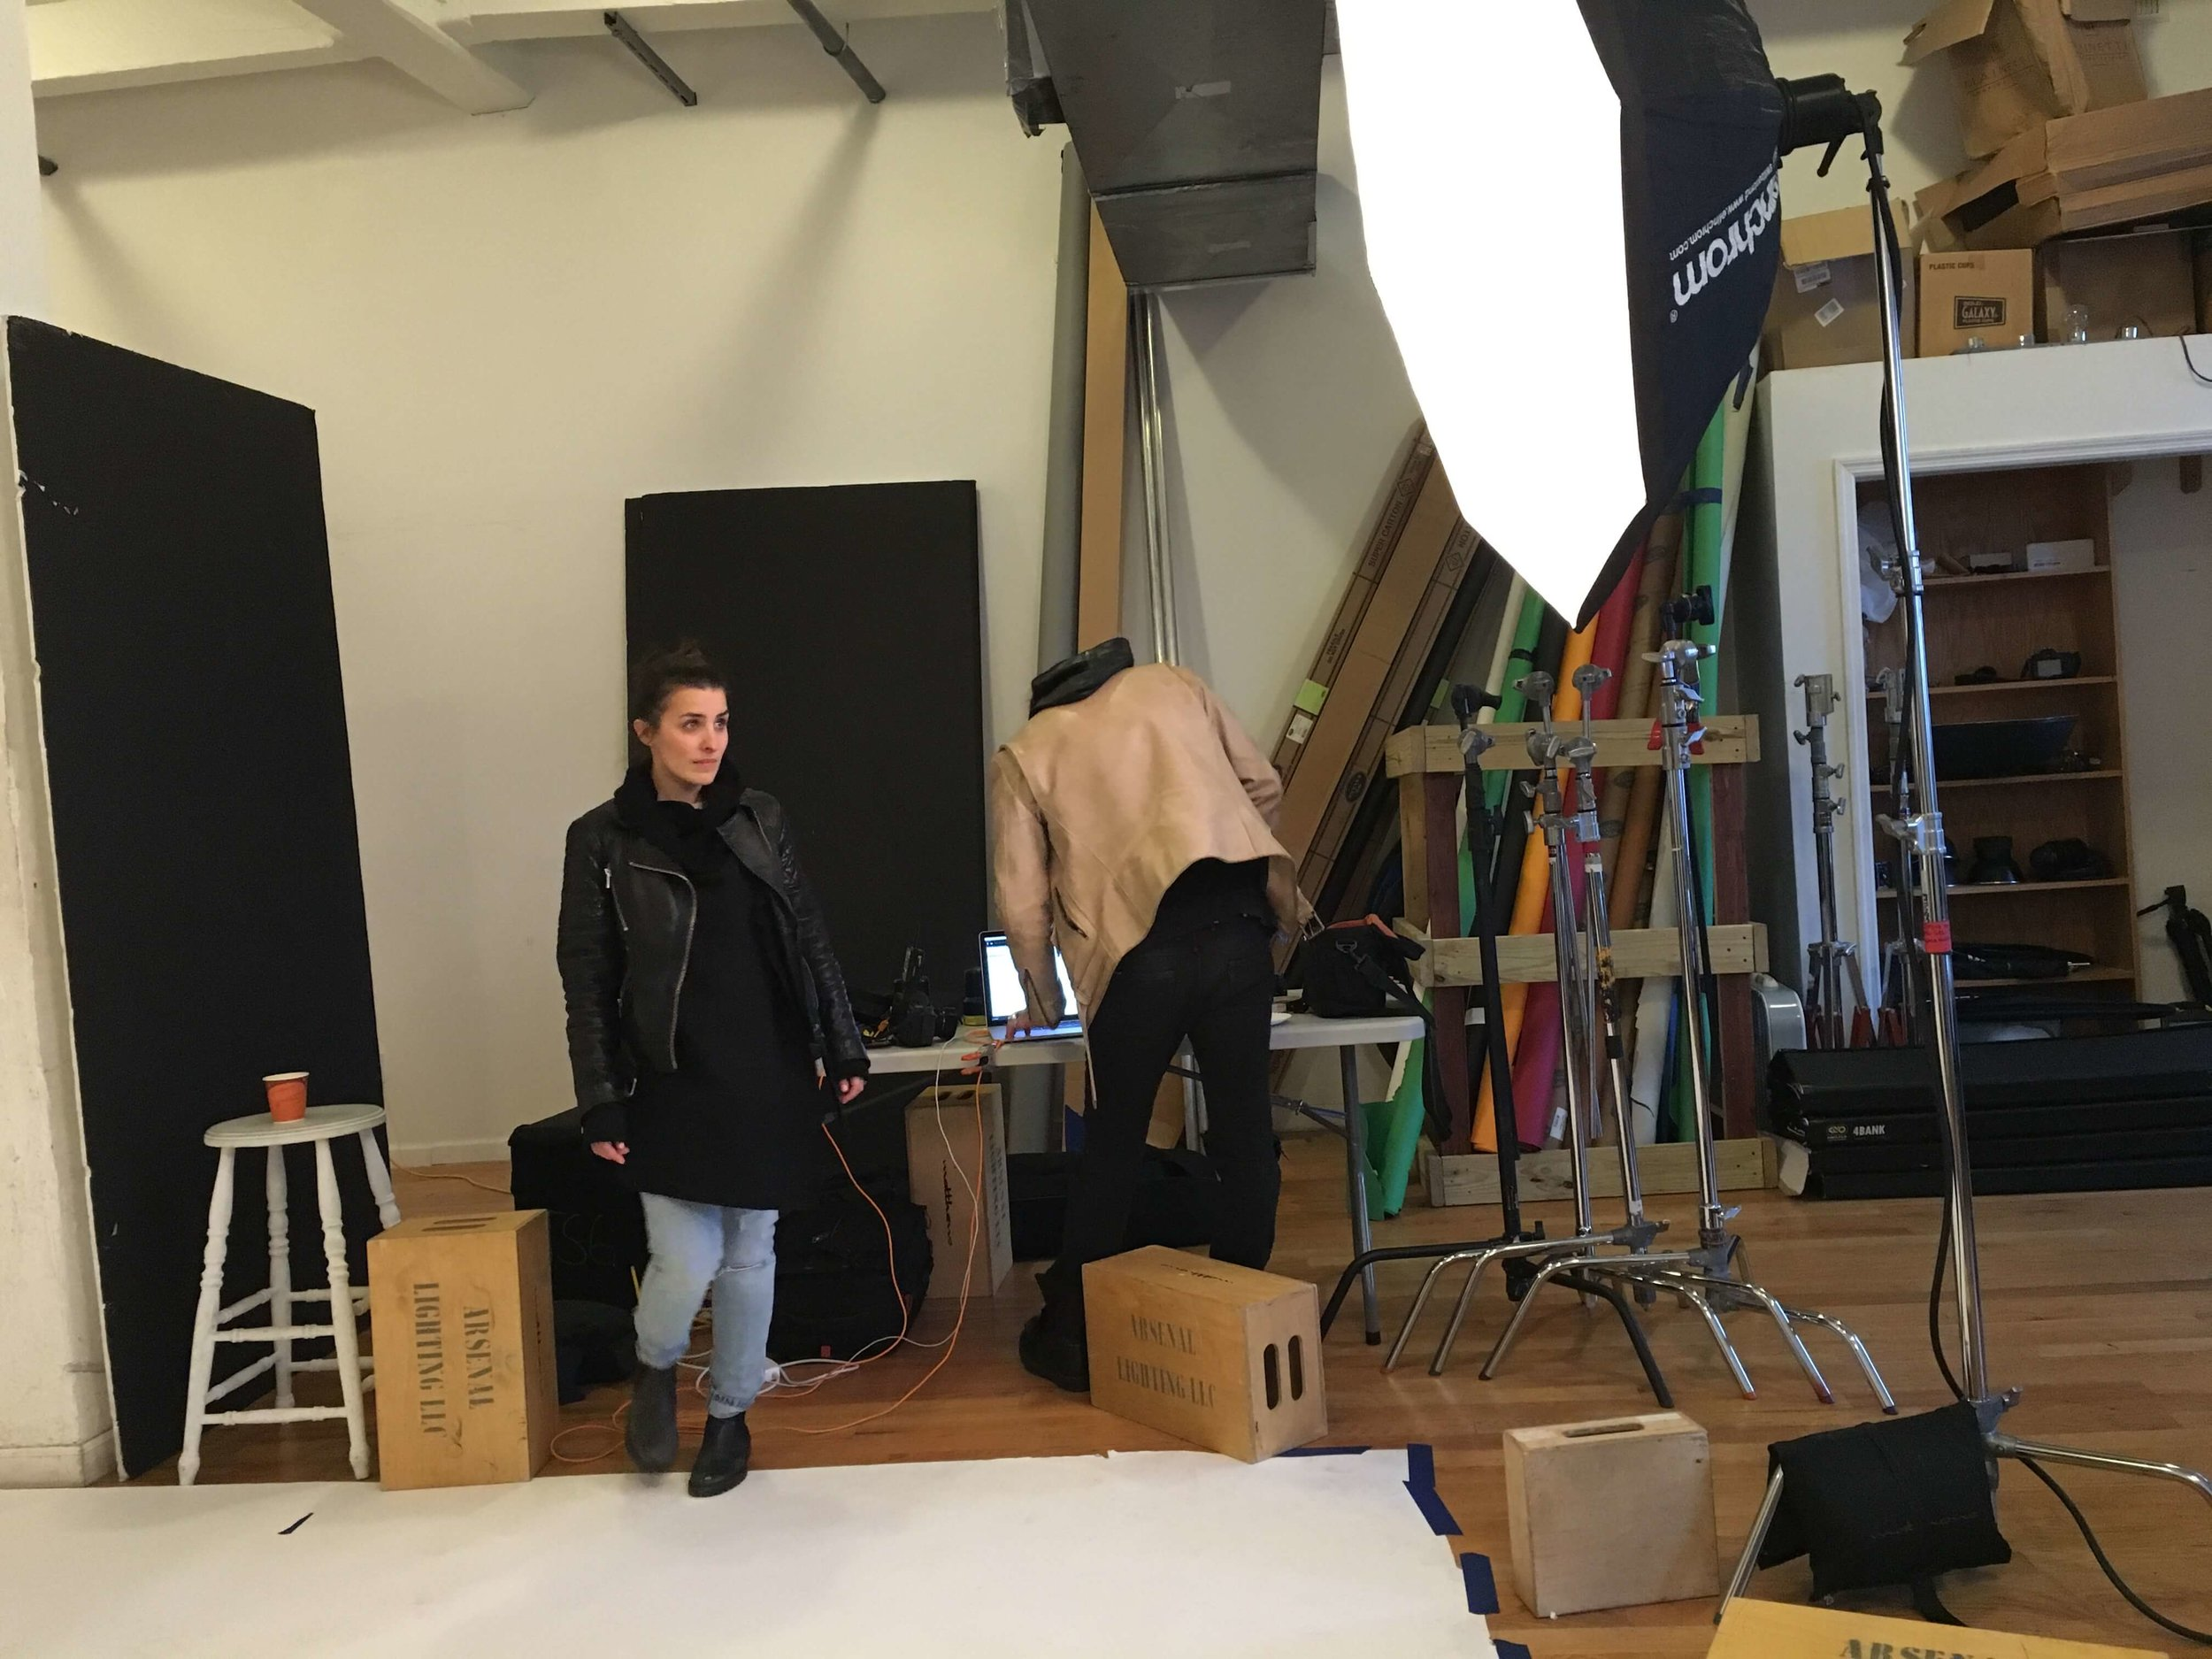 Sophia Wallace and Nathan Manuel at the photo rental studio NYC